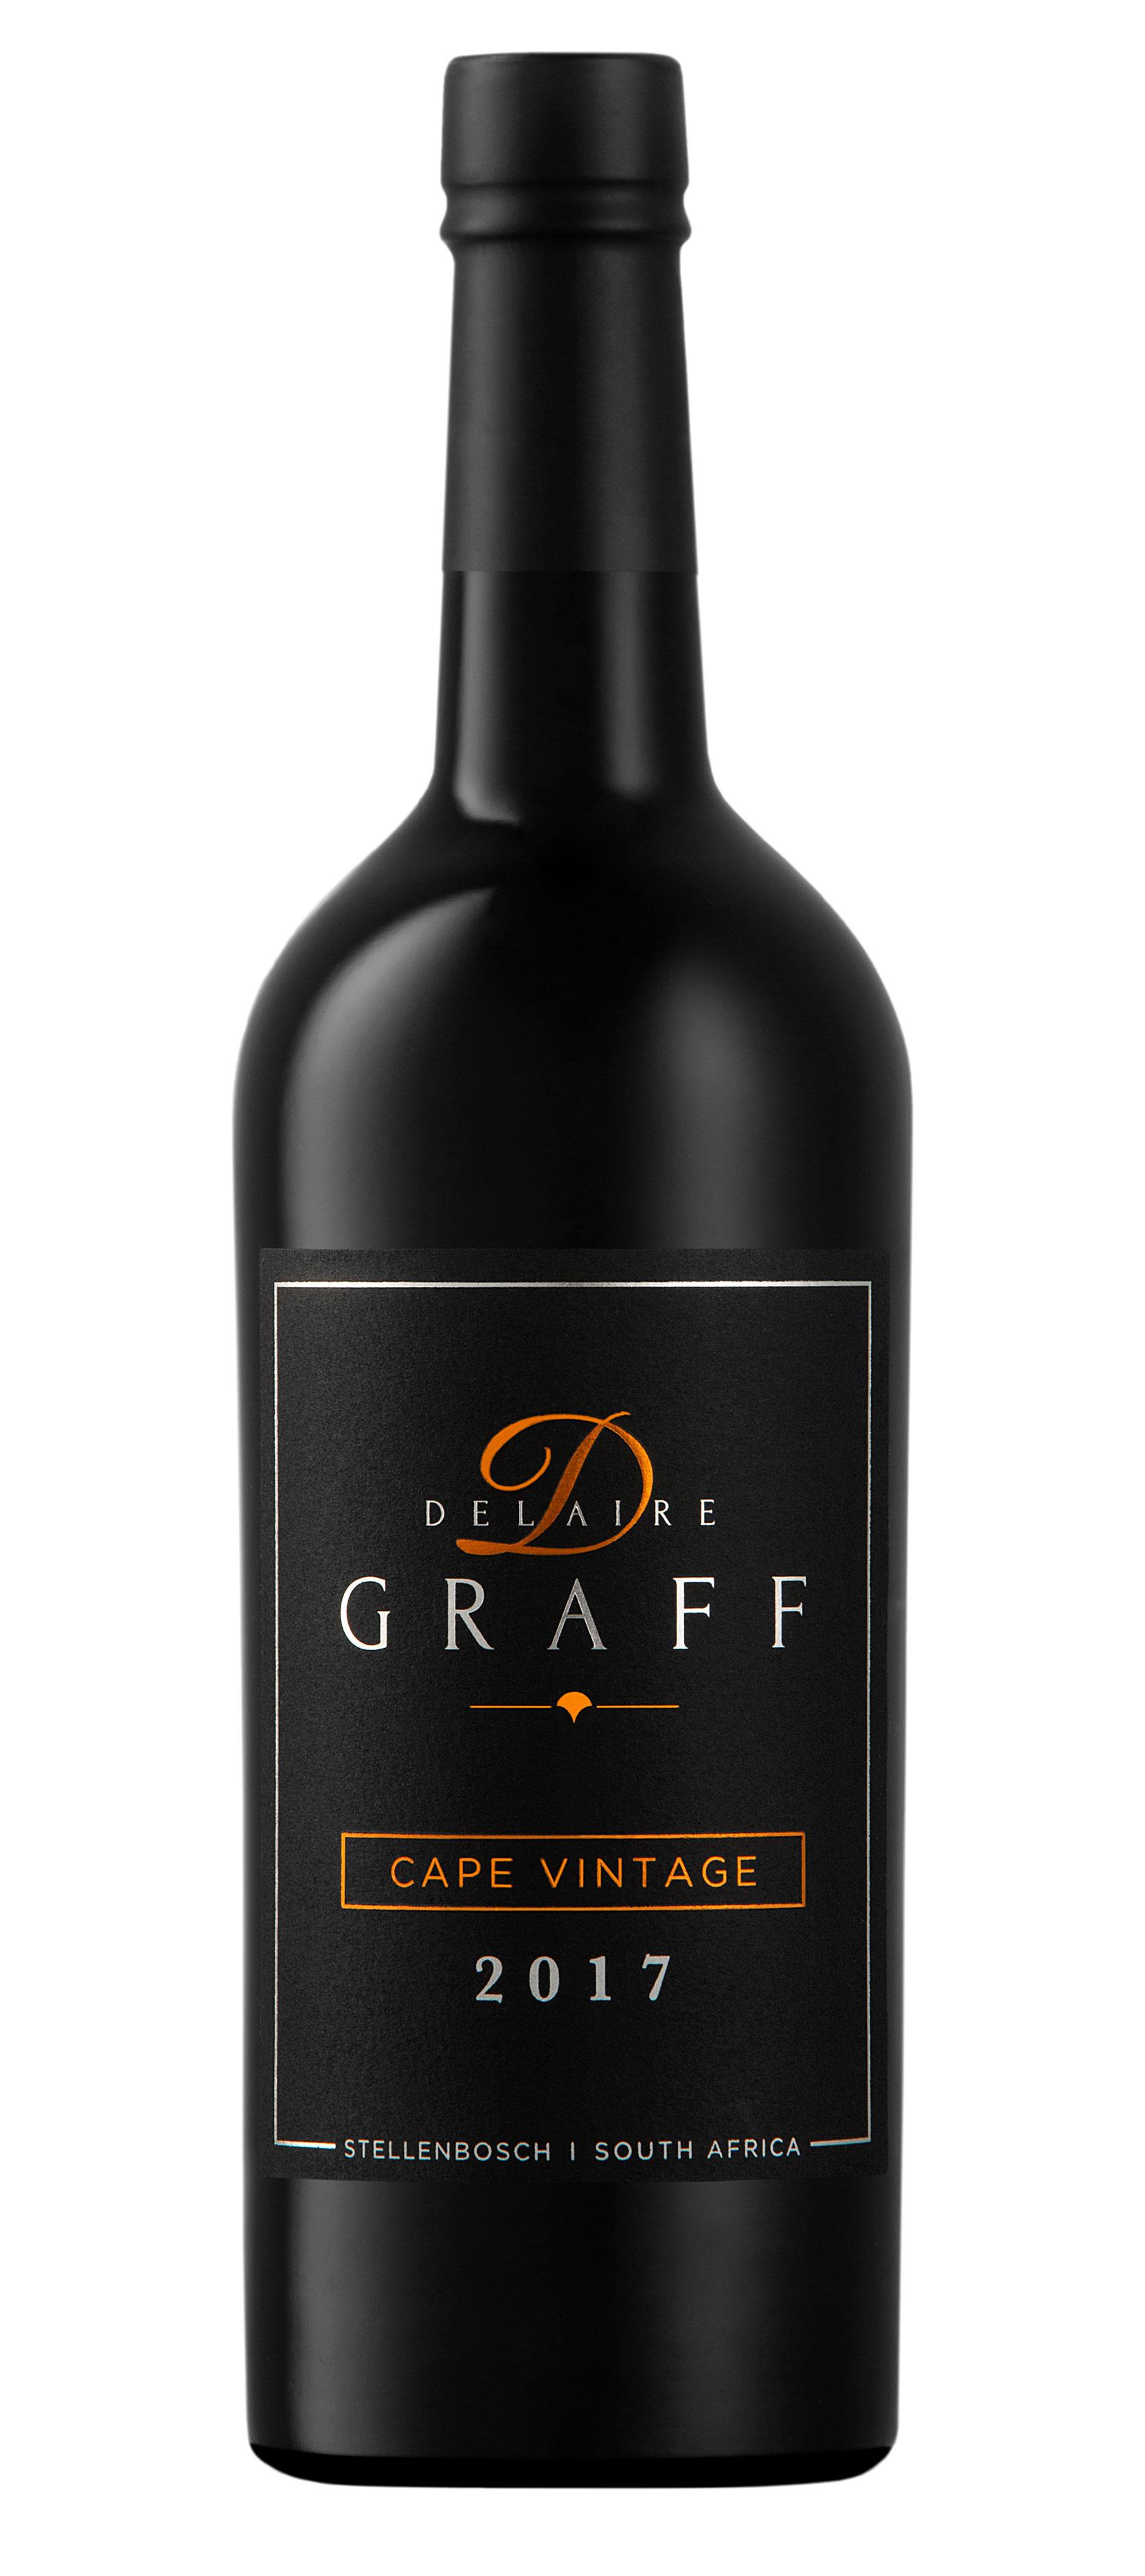 A bottle of Delaire Graff Cape Vintage 2017